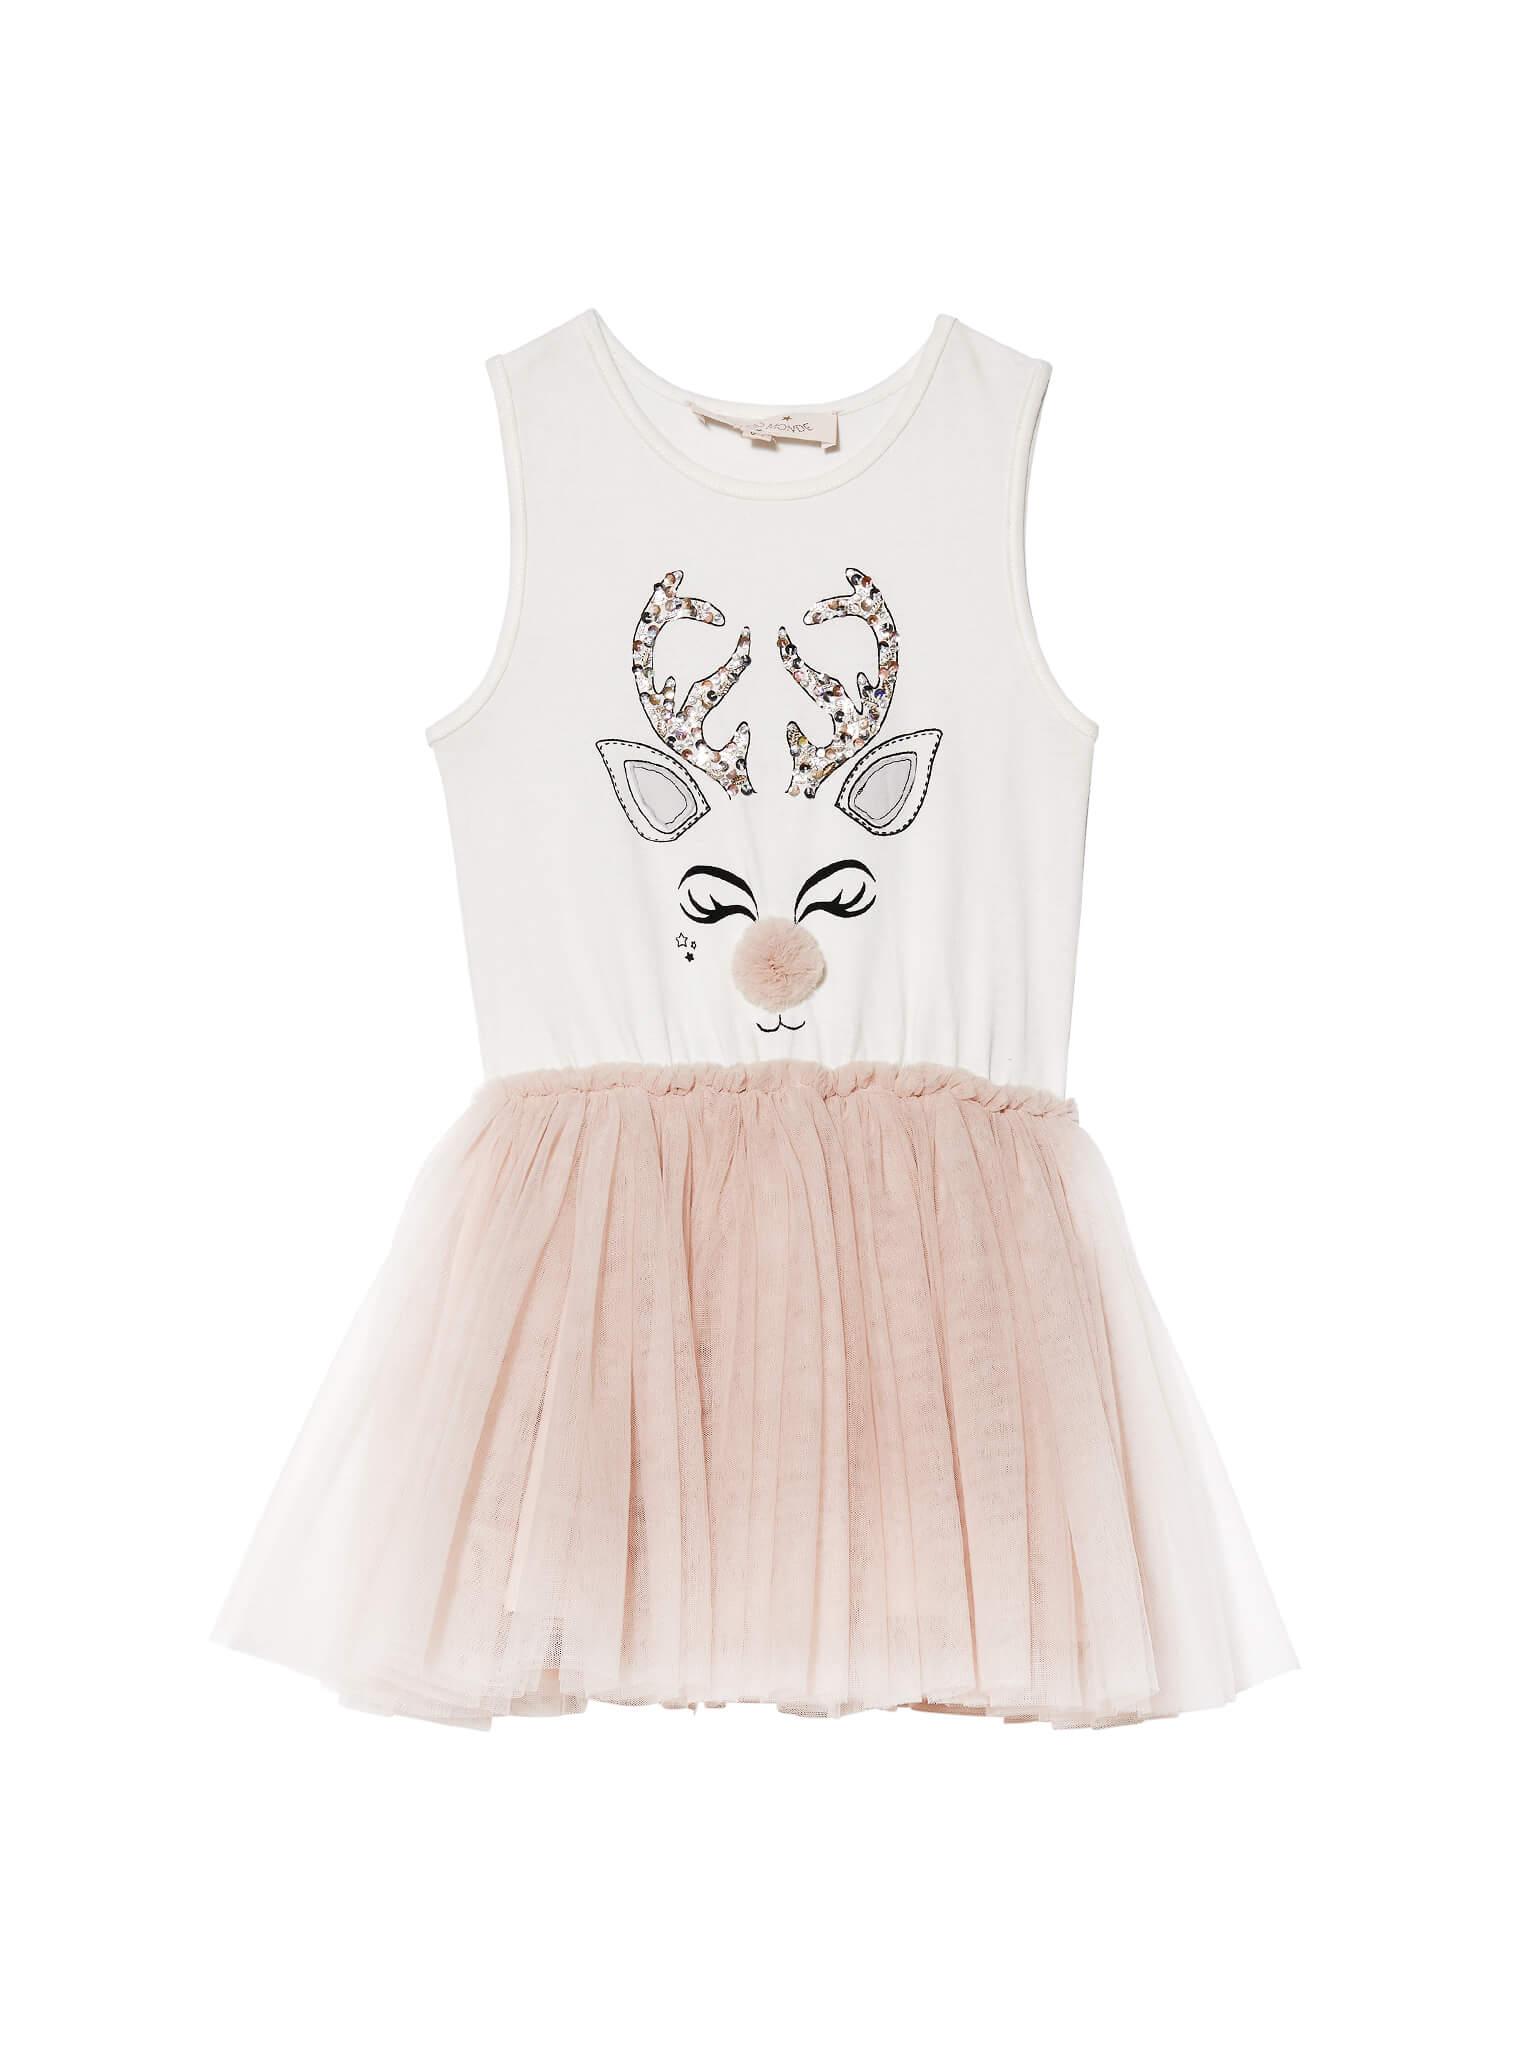 Tdm4313 reindeer tutu dress 01